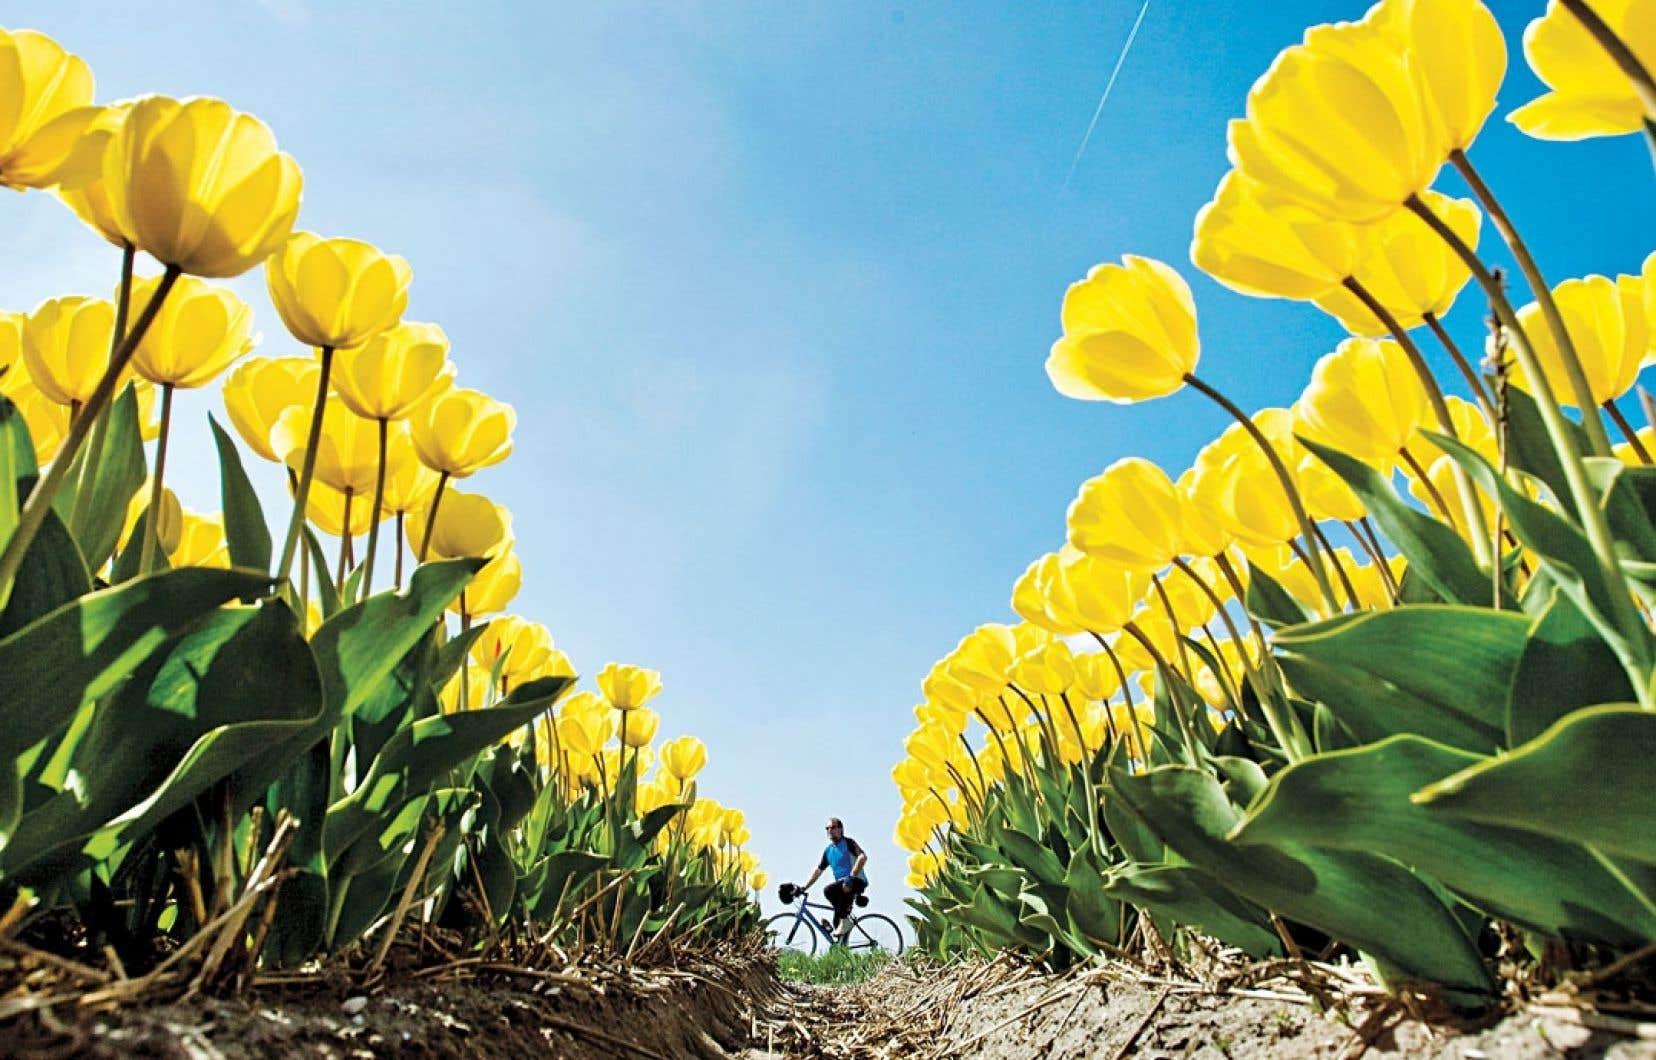 Plantés entre juin et septembre, les bulbes de tulipes fleurissent entre avril et mai de l'année suivante, et ce décalage dans le temps a donné naissance, au XVIIe siècle, à un marché à terme très sophistiqué.